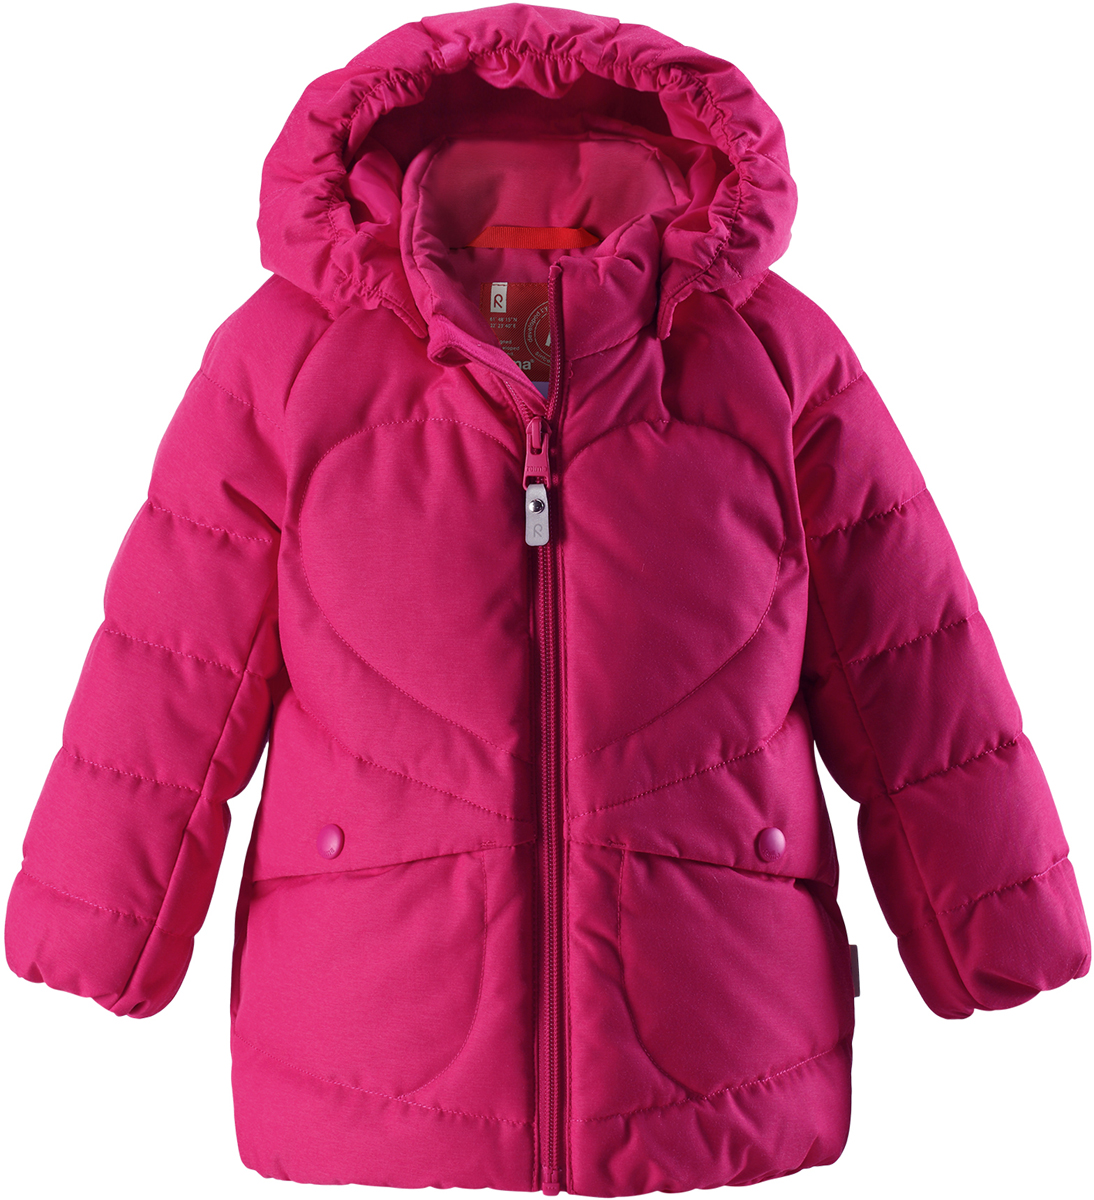 Пуховик для девочки Reima Loiste, цвет: розовый. 5112603560.